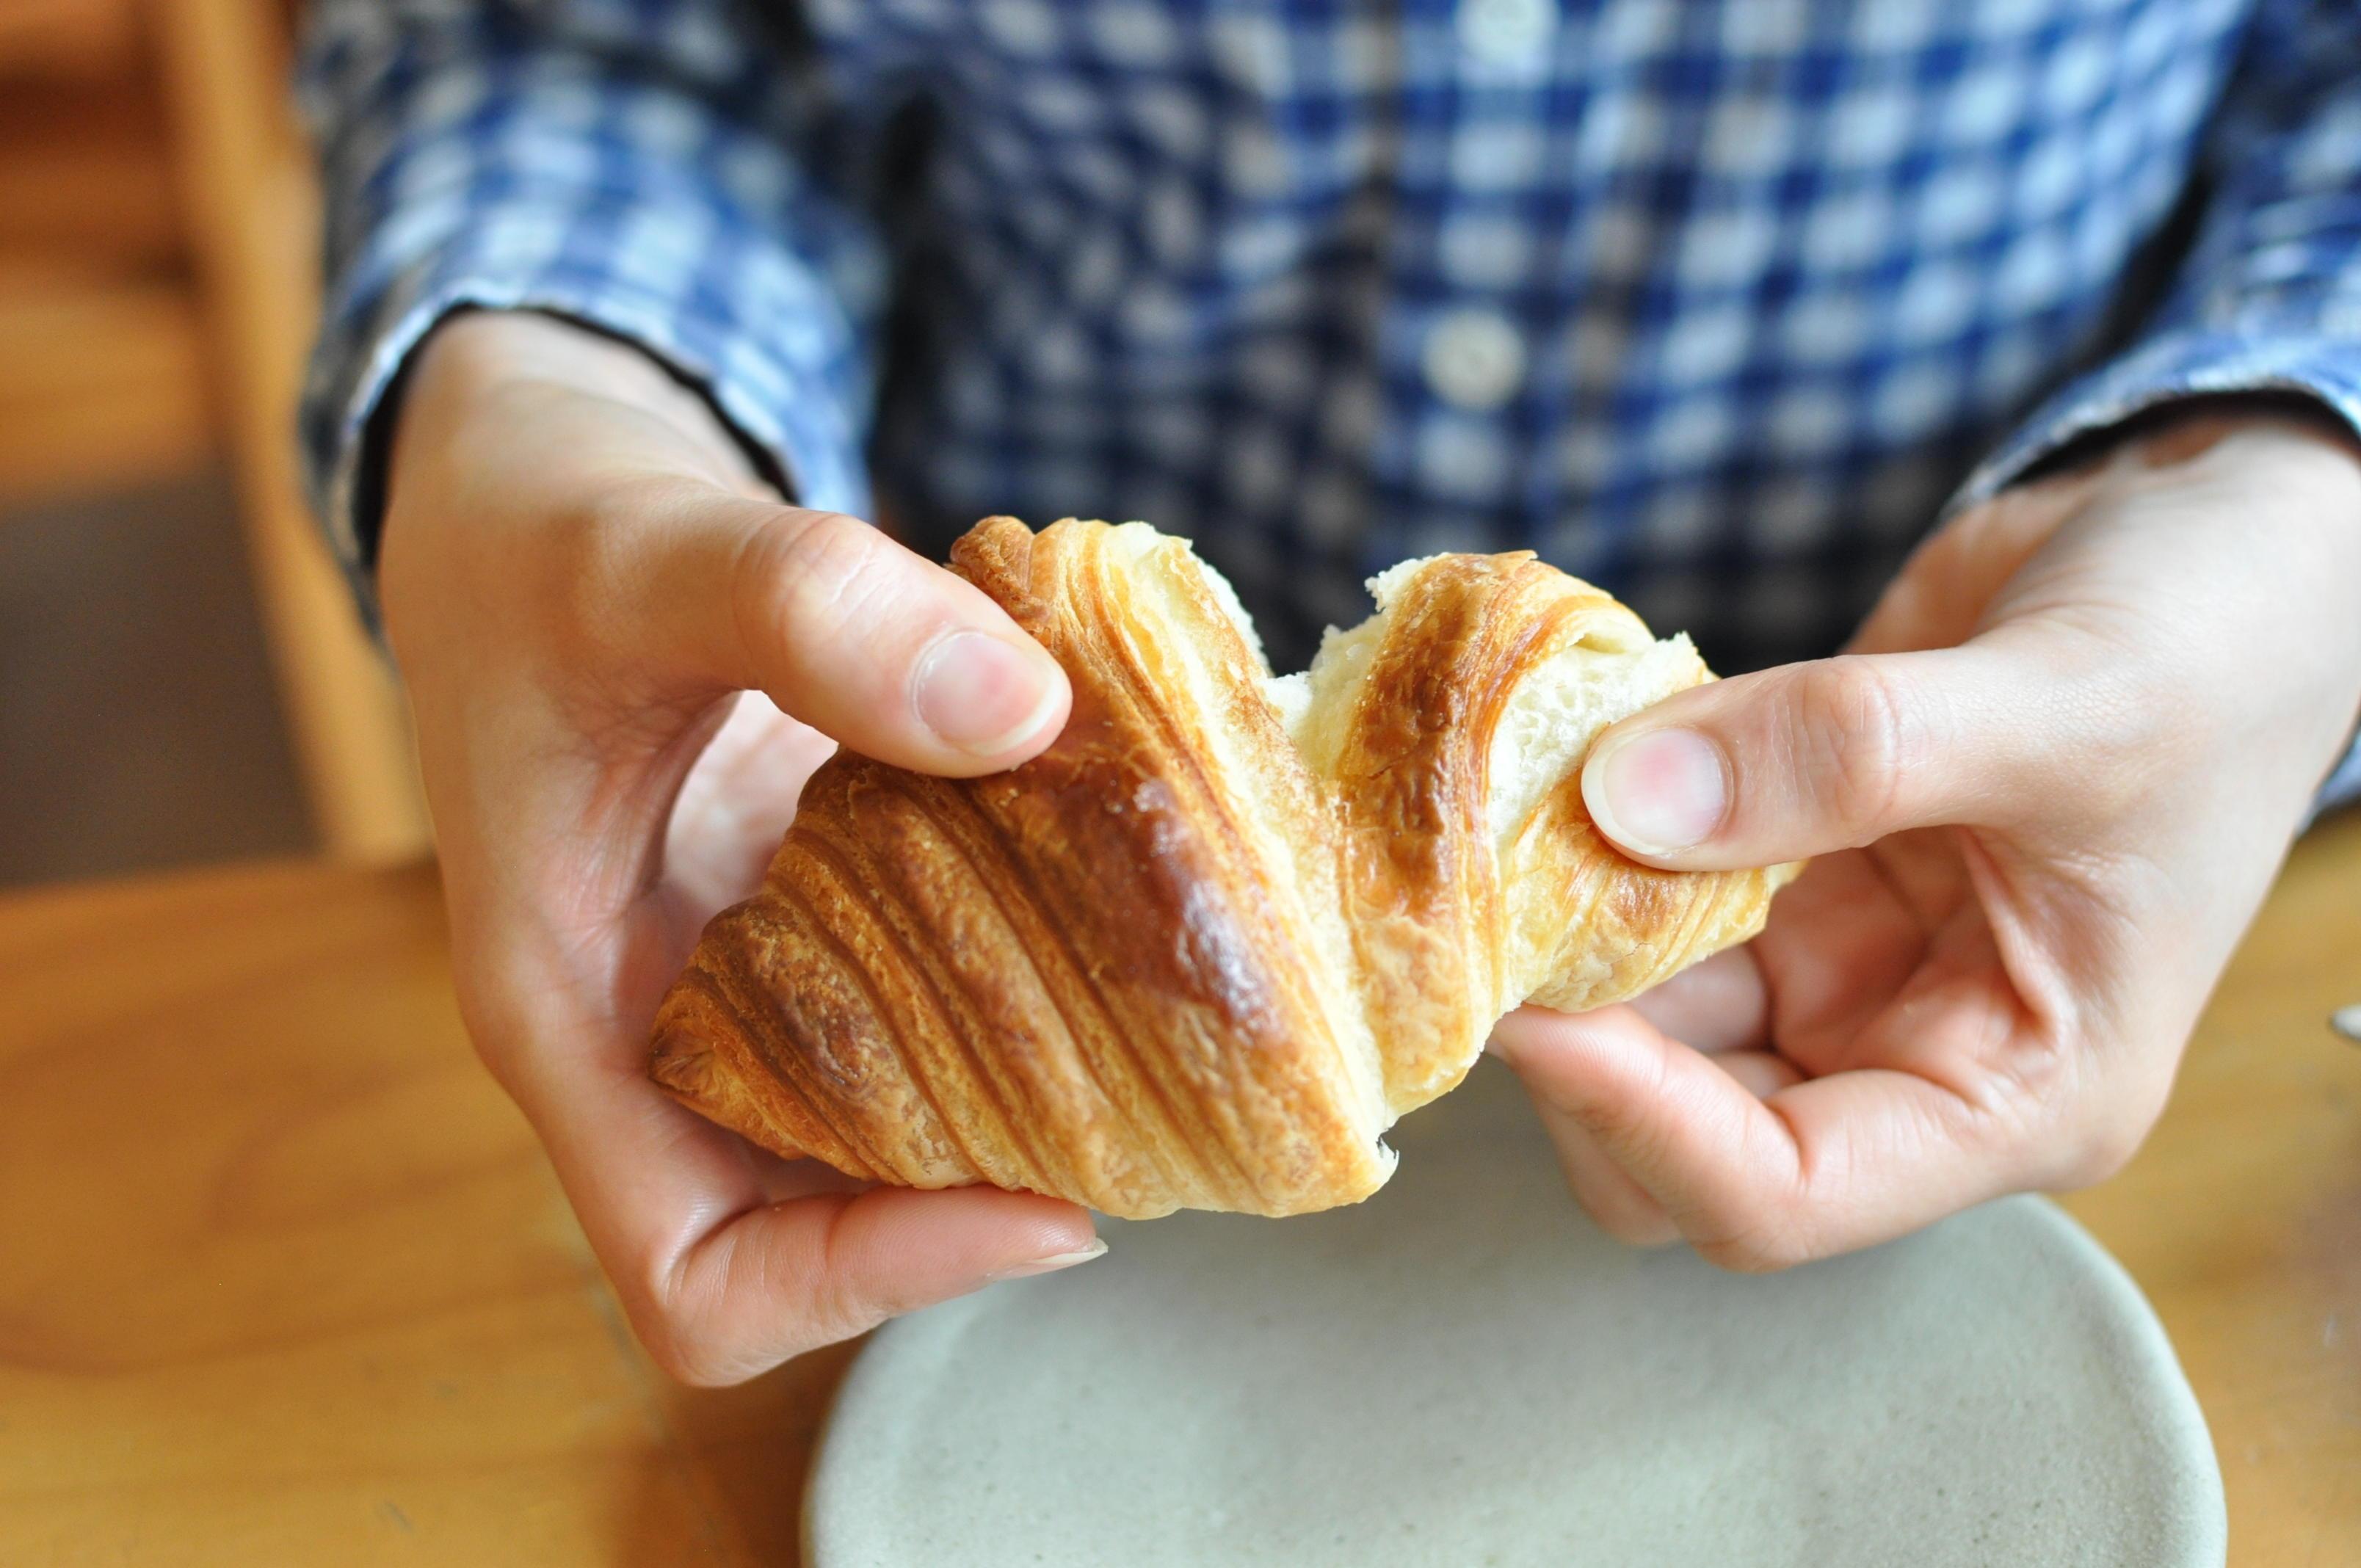 天然酵母・自家製酵母パンが美味しい!<br>「ましぱん 」「こころ屋」「麦わらぼうし」